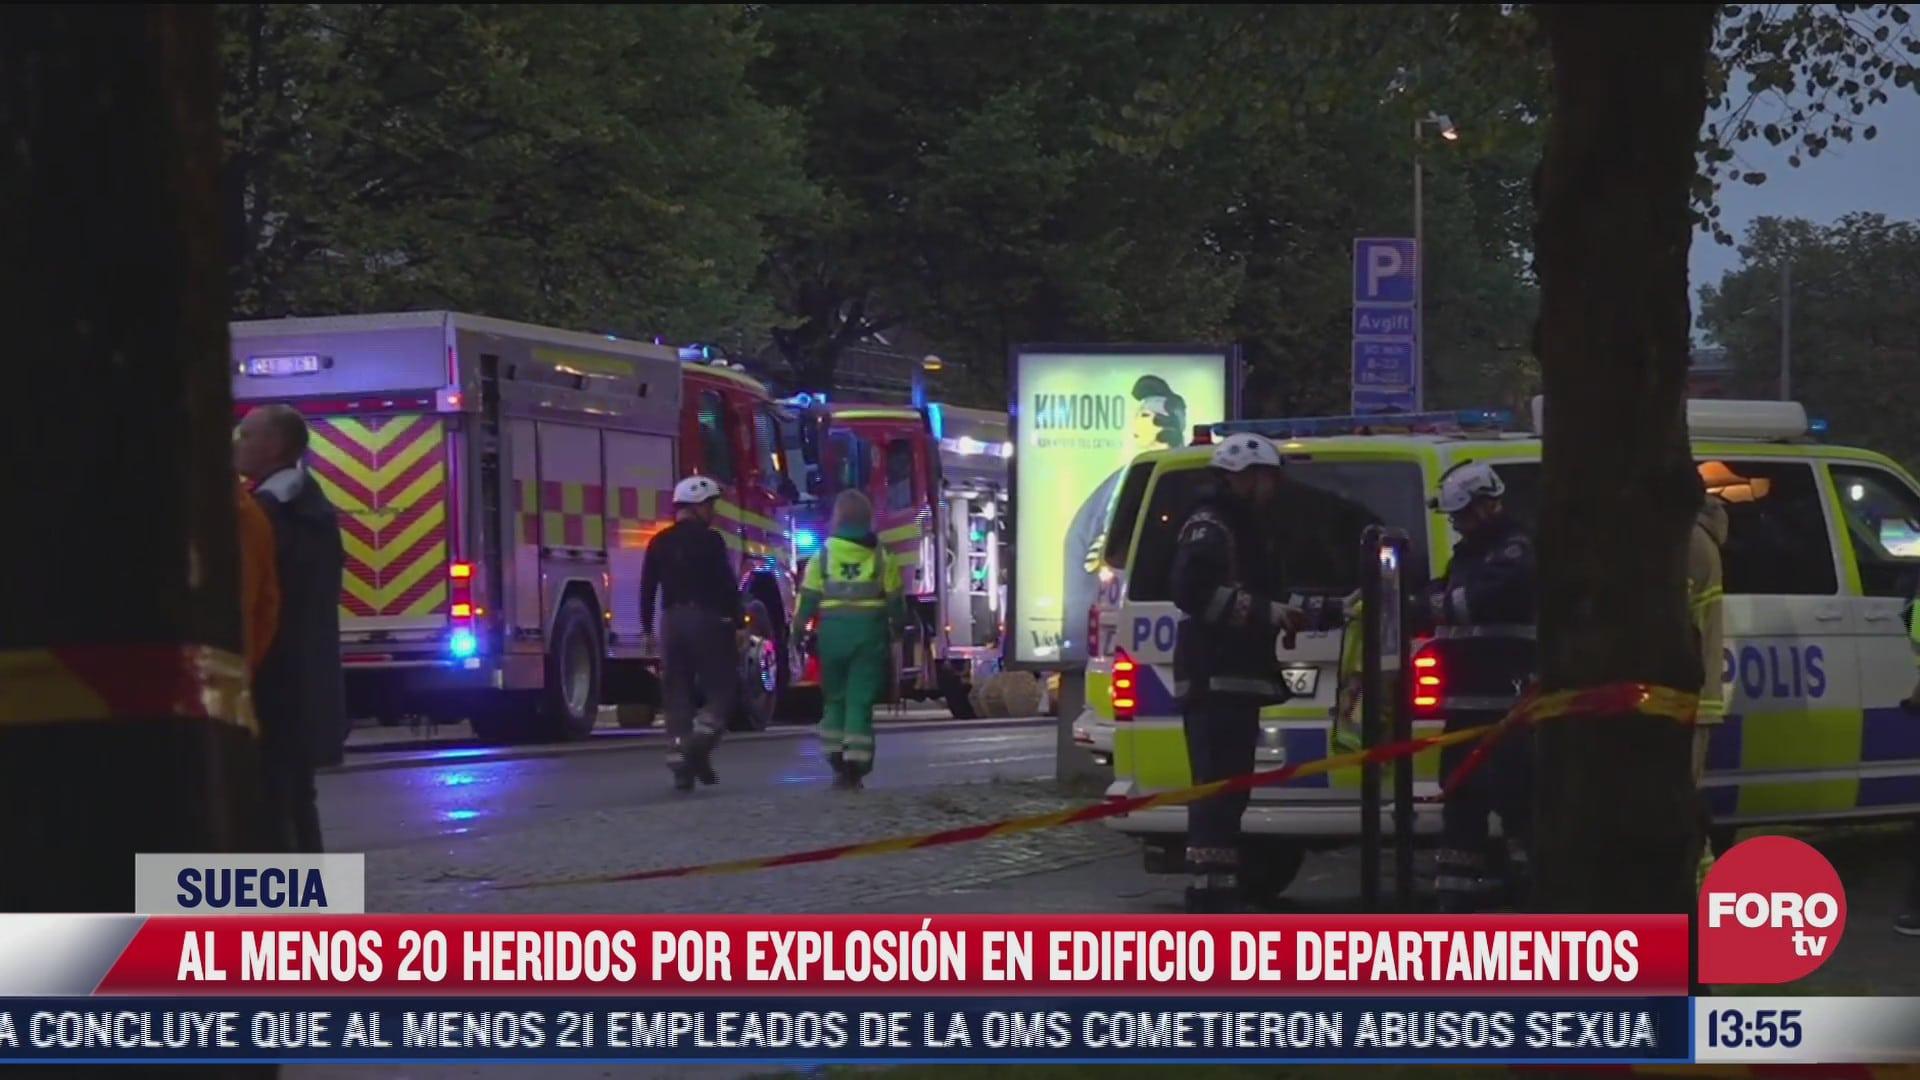 explosion en edificio en suecia deja 20 personas heridas